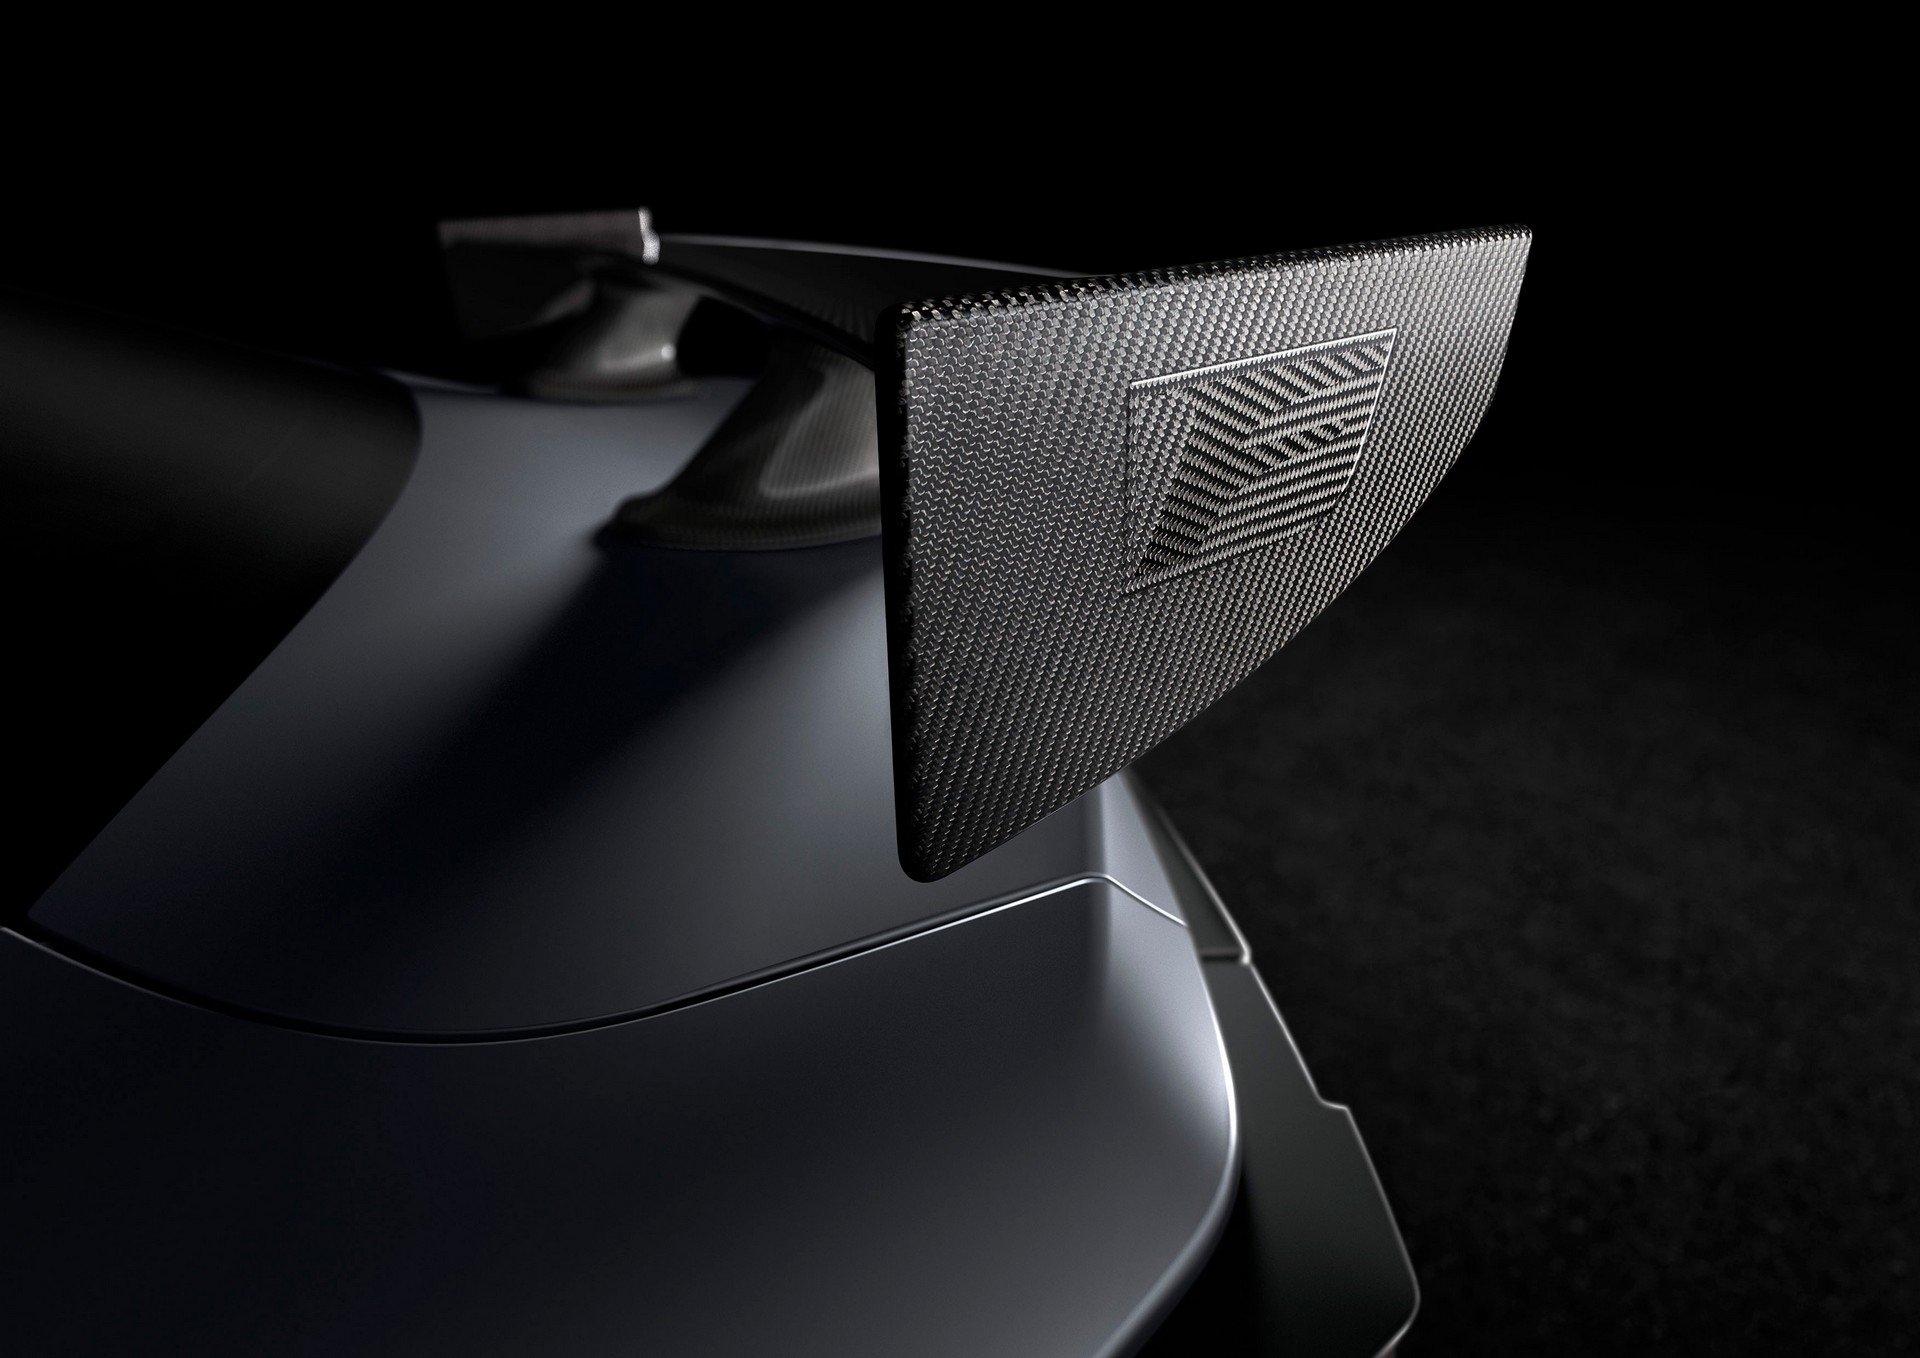 明年1月北美发布 雷克萨斯RC F曝光新车型